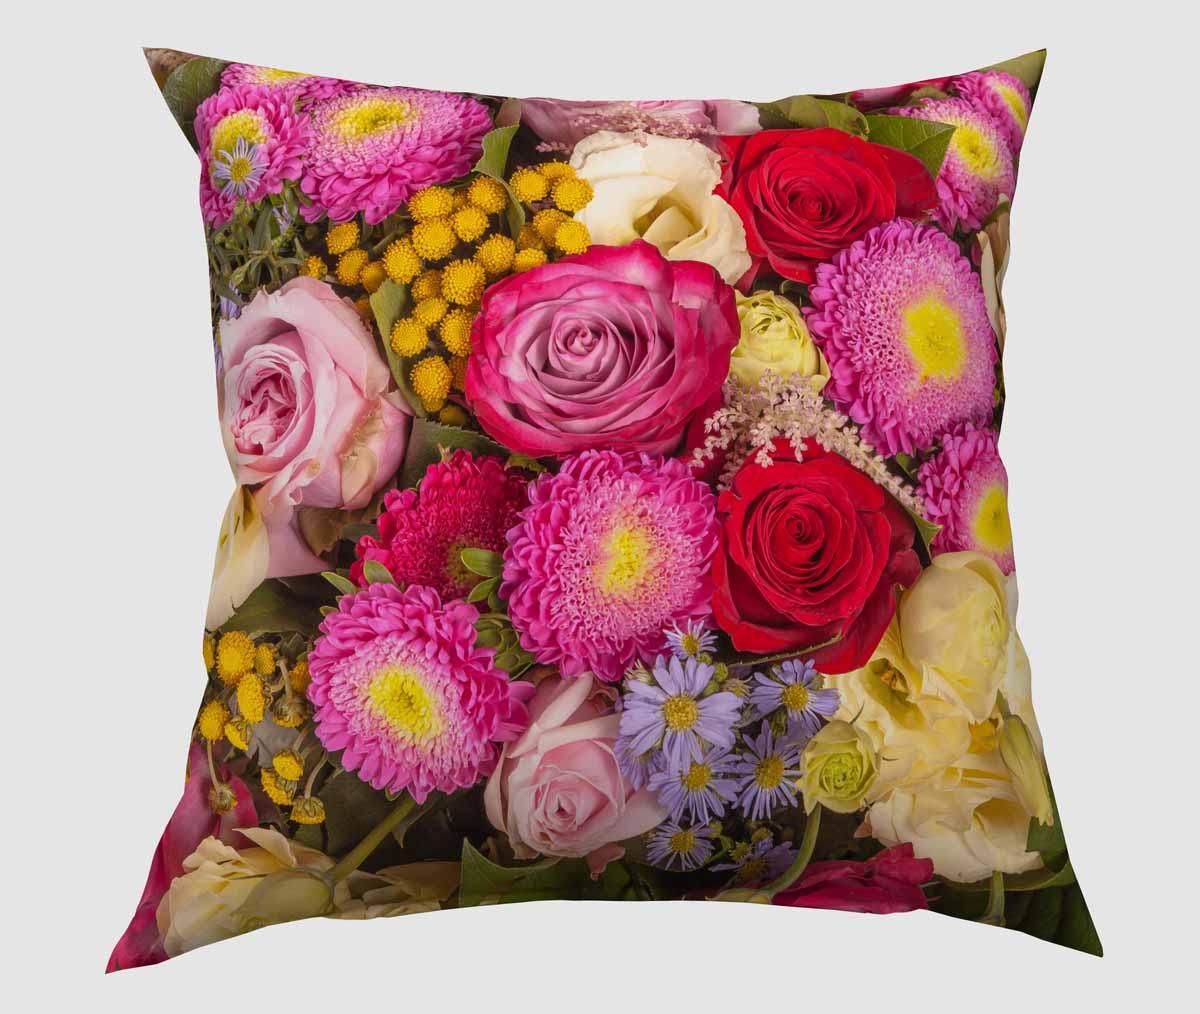 Подушка декоративная Сирень Красочный букет, 40 х 40 см картины сирень картина ароматный букет